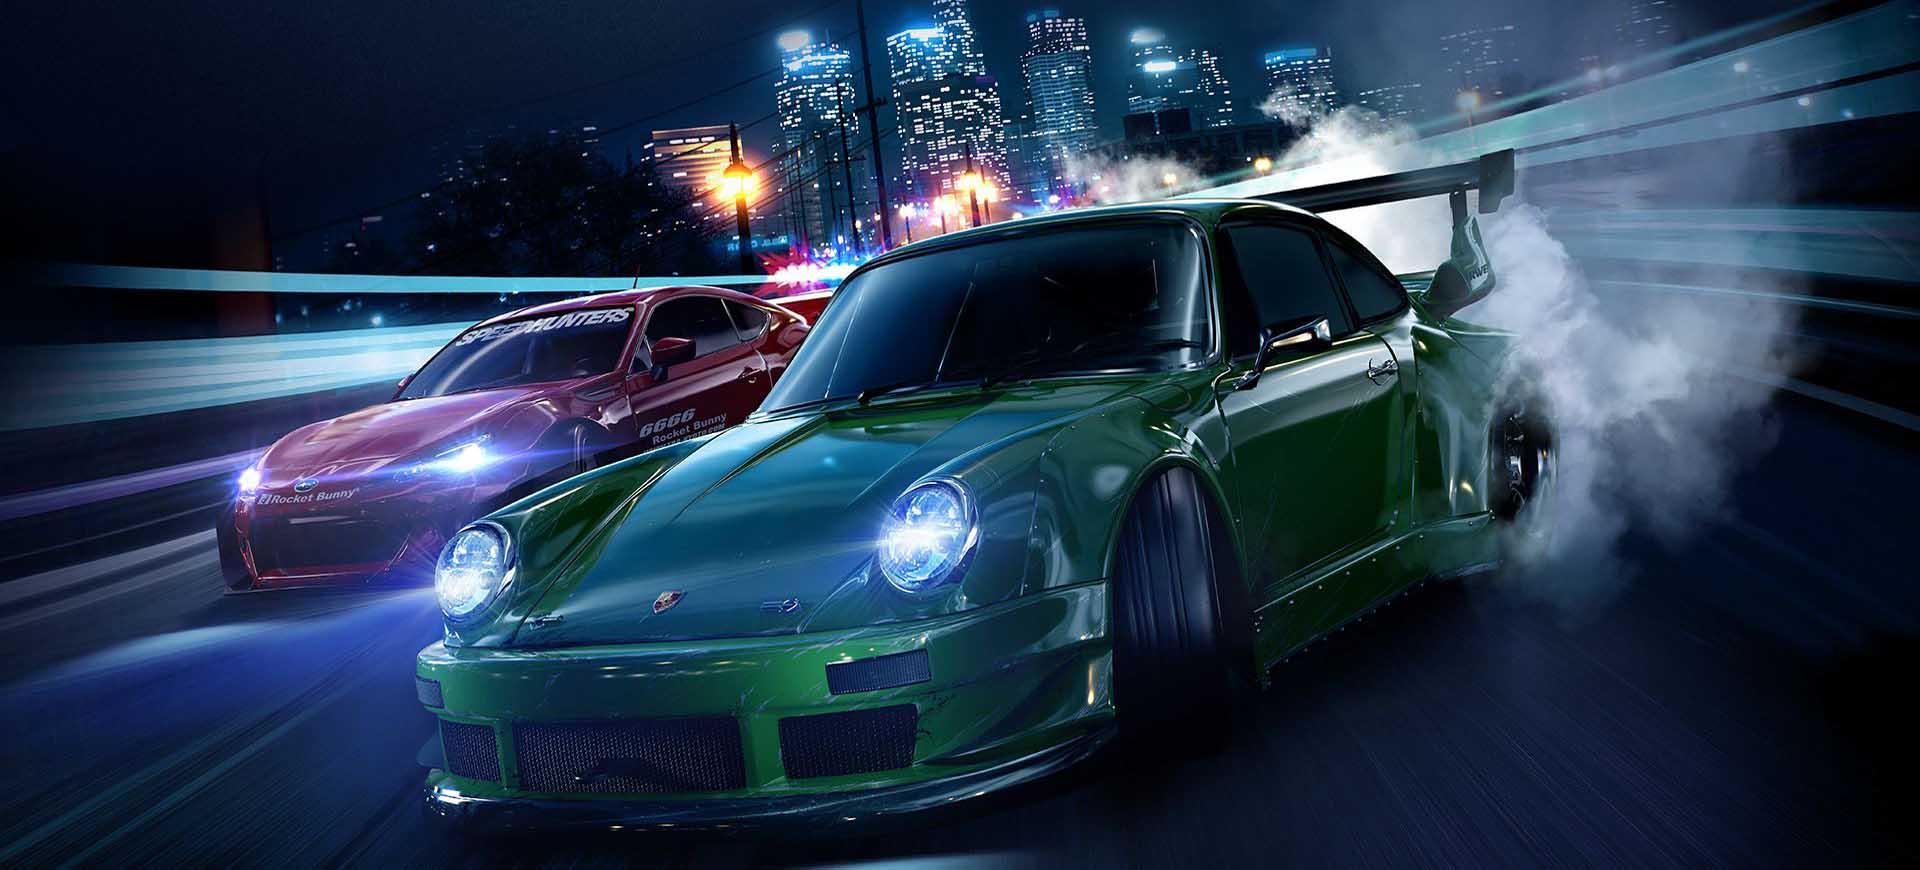 Need For Speed - Đánh Giá Game